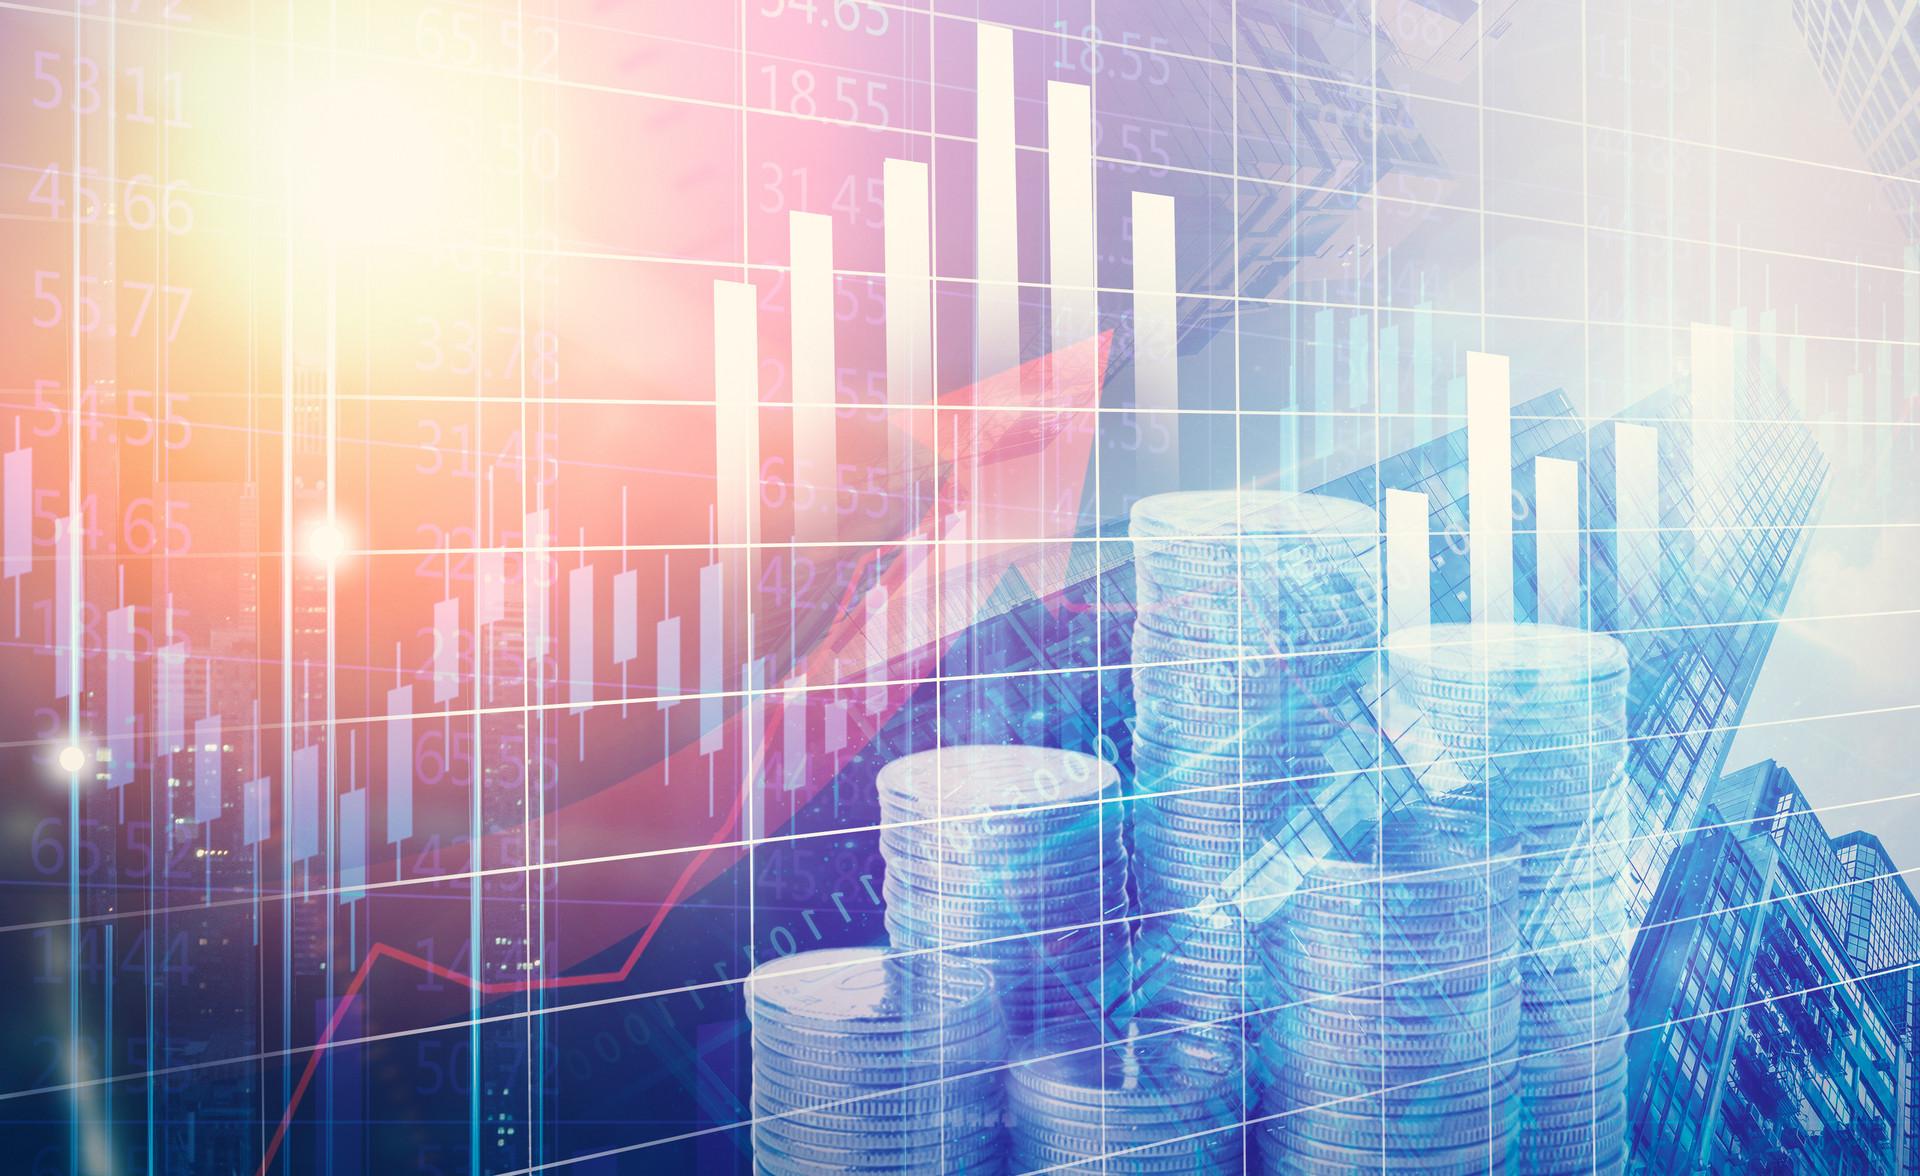 发改委修订企业债券发行业务指引新增弹性配售选择权和当期追加选择权等定价方式